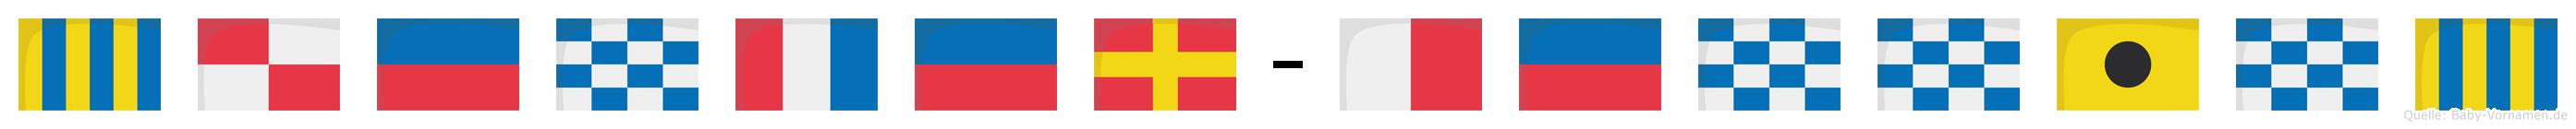 Günter-Henning im Flaggenalphabet